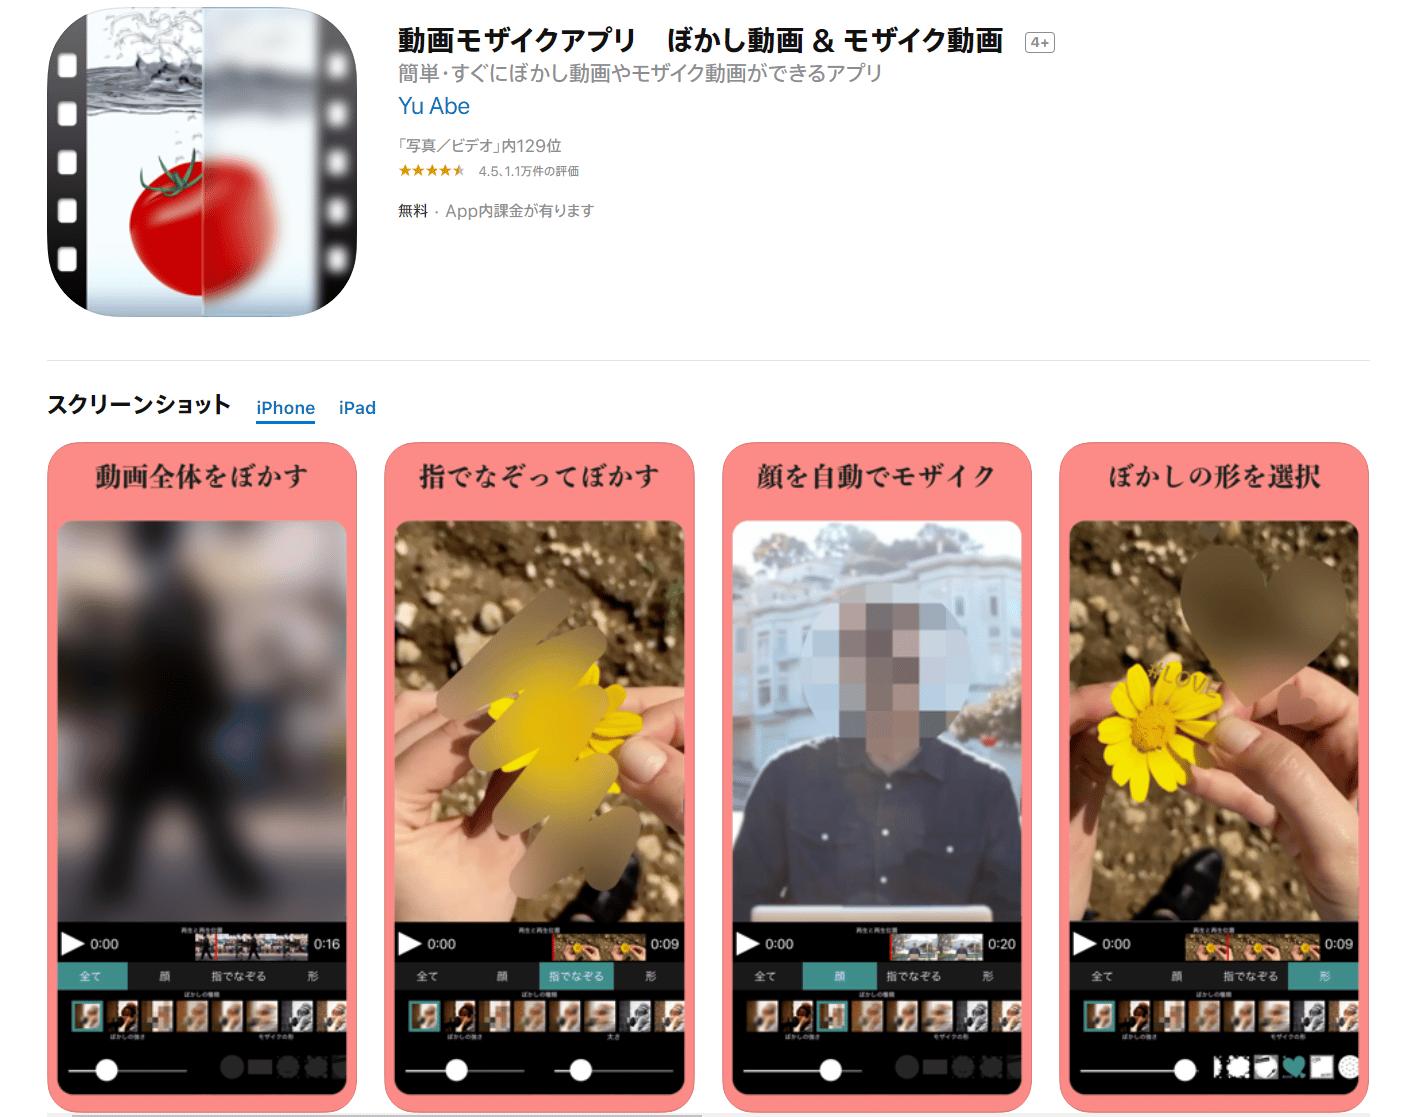 ぼかし加工おすすめアプリ①:動画モザイクアプリ ぼかし動画&モザイク動画